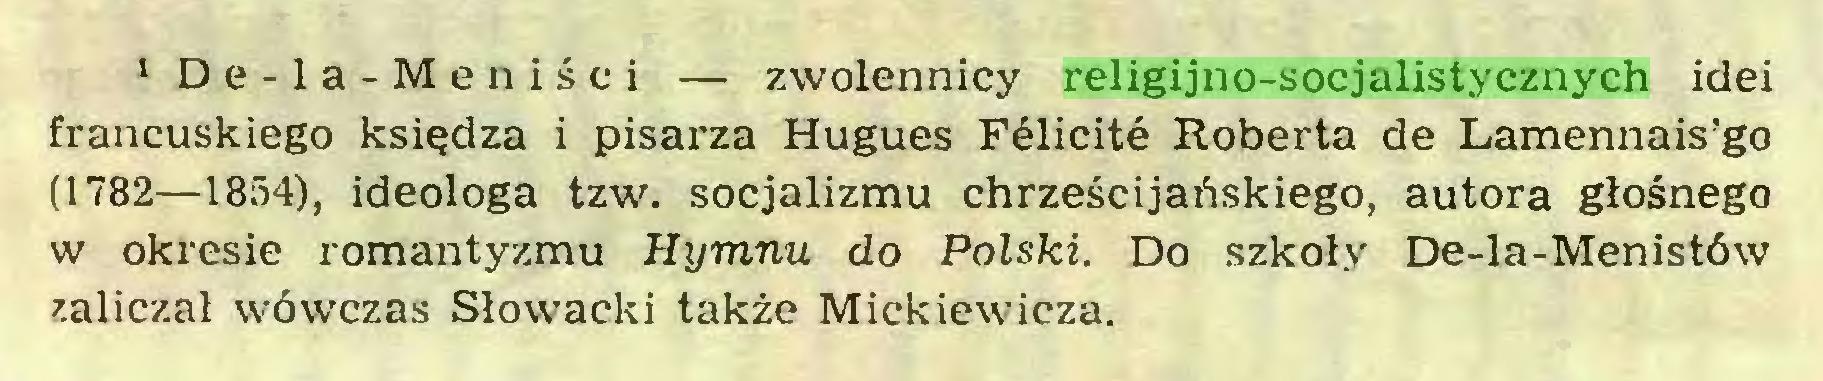 (...) 1 De-la-Me uiści — zwolennicy religijno-socjalistycznych idei francuskiego księdza i pisarza Hugues Félicité Roberta de Lamennais'go (1782—1854), ideologa tzw. socjalizmu chrześcijańskiego, autora głośnego w okresie romantyzmu Hymnu do Polski. Do szkoły De-la-Menistów zaliczał wówczas Słowacki także Mickiewicza...